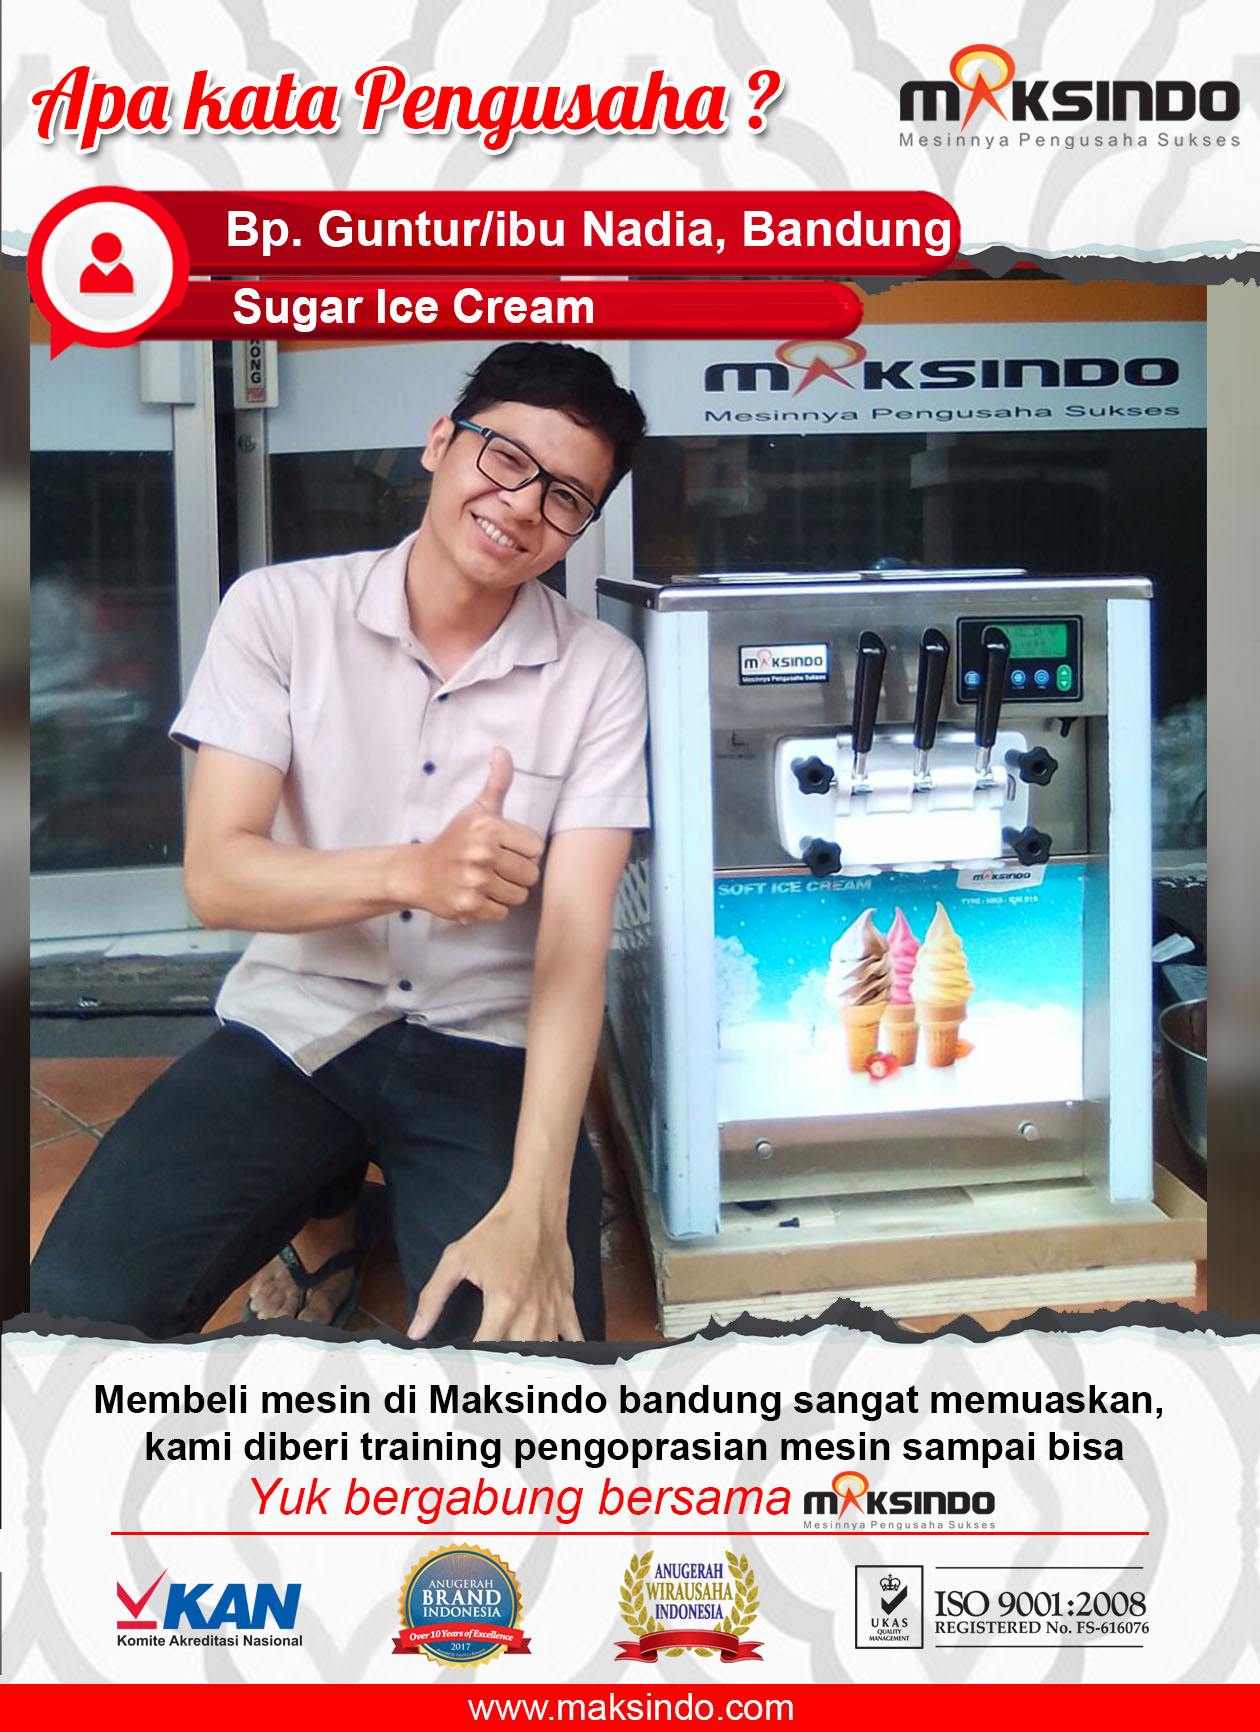 Sugar Ice Cream : Mesin Maksindo Sangat Memuaskan